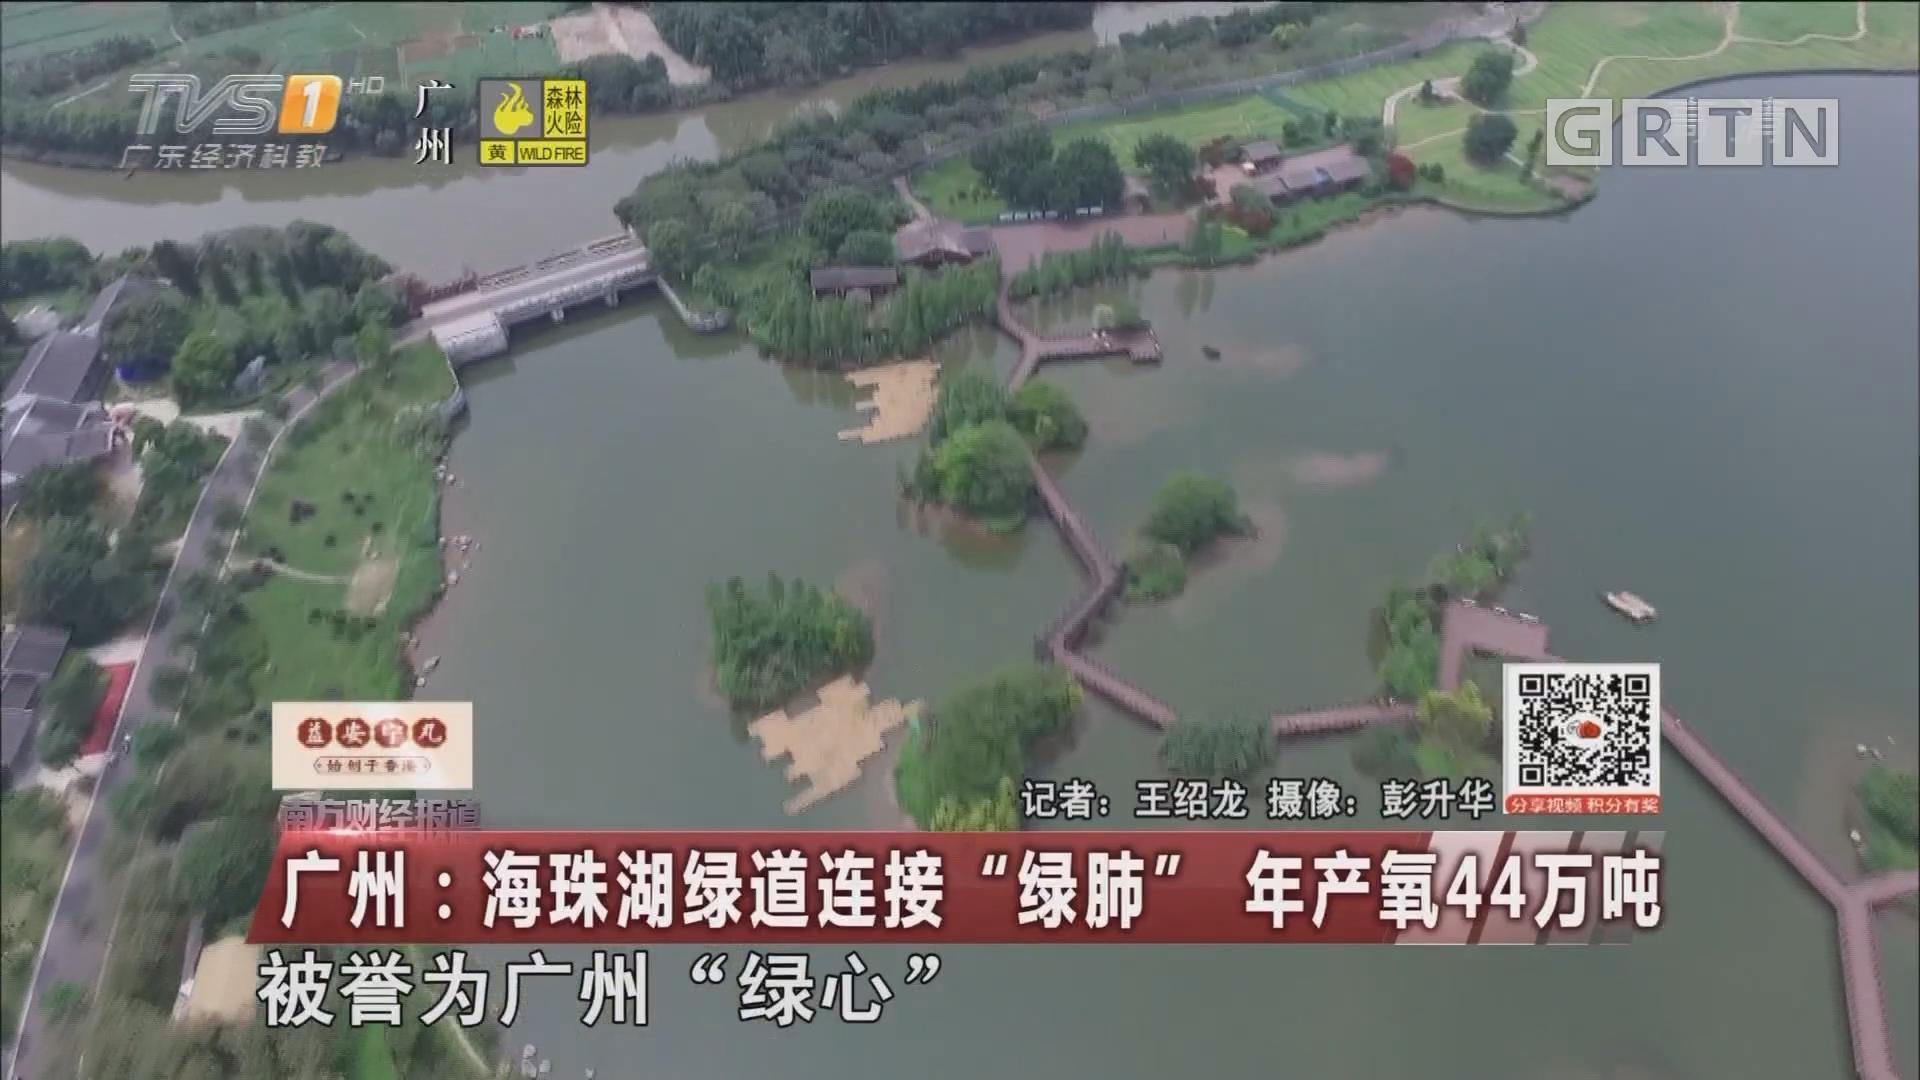 """广州:海珠湖绿道连接""""绿肺"""" 年产氧44万吨"""